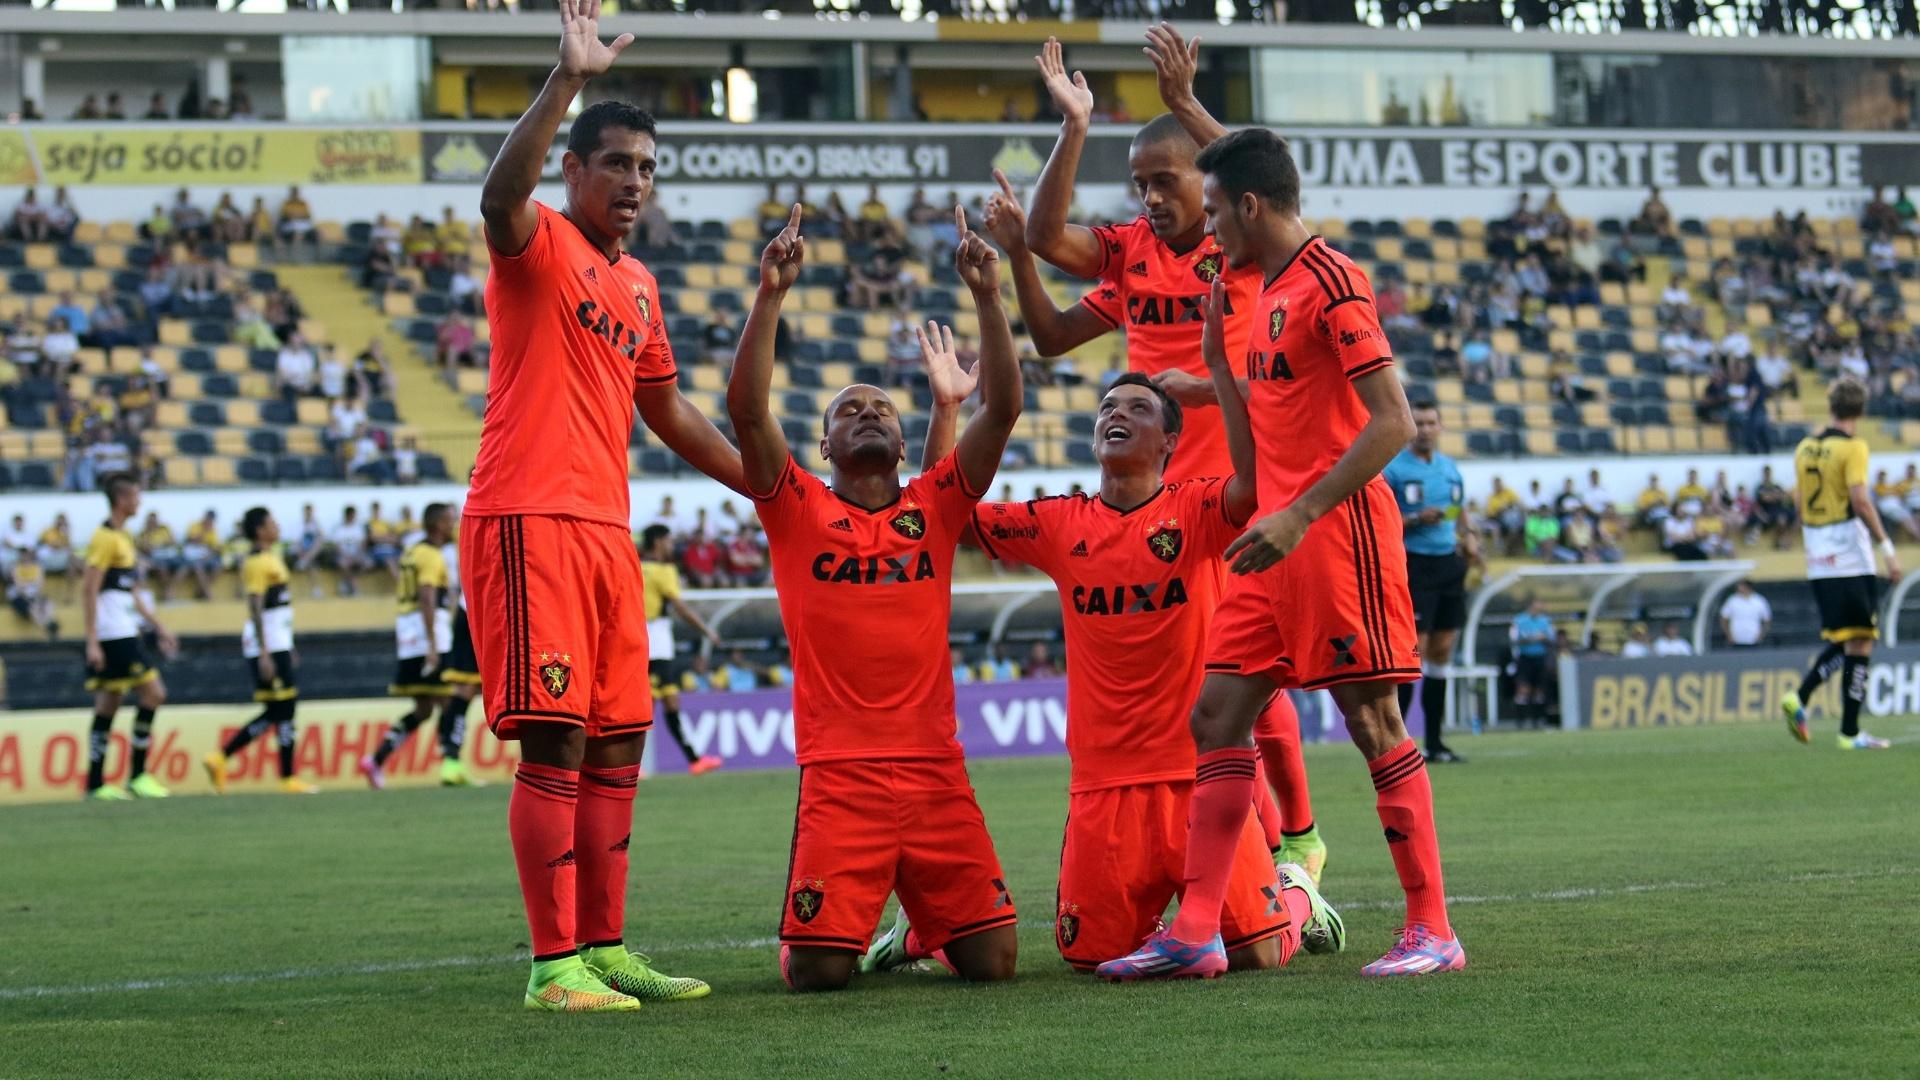 Patric comemora gol, o primeiro do Sport no jogo fora de casa contra o Criciúma